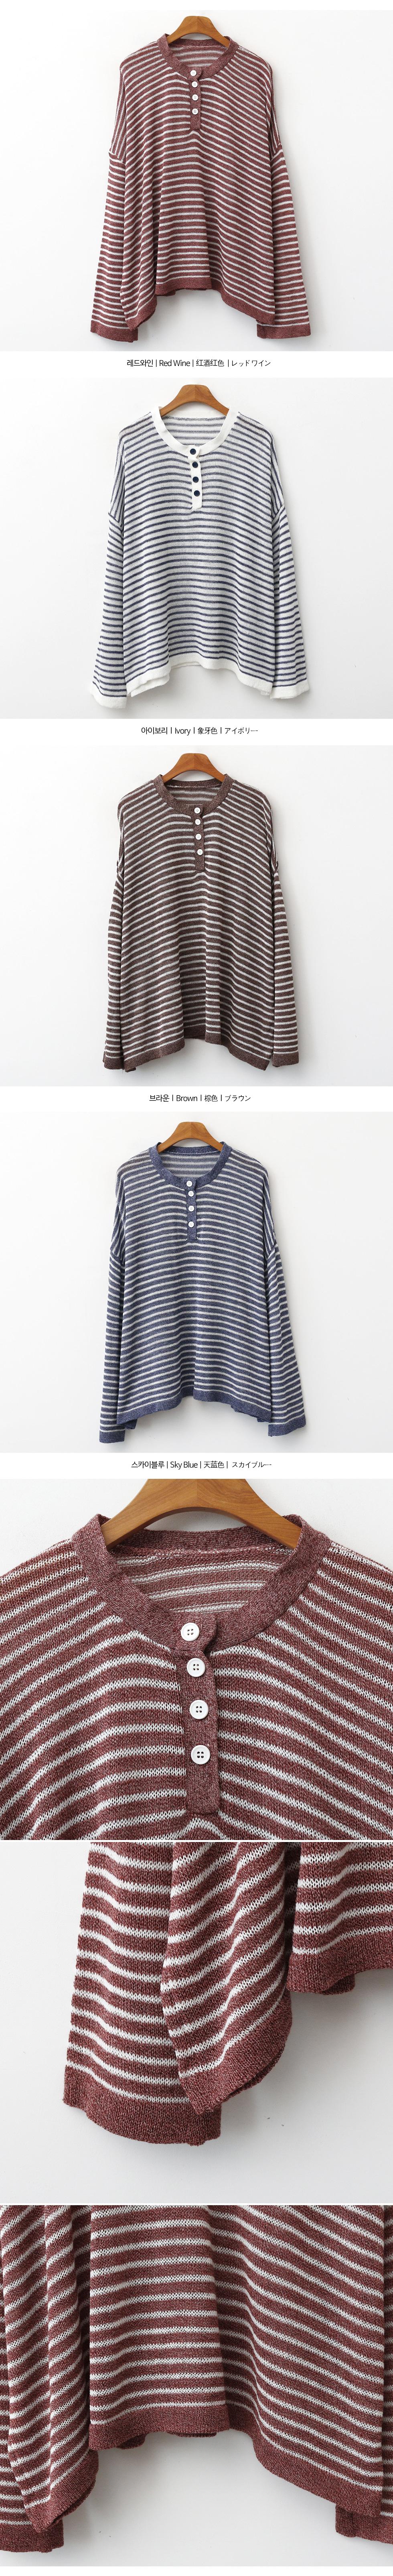 Striped Rouge Knitwear